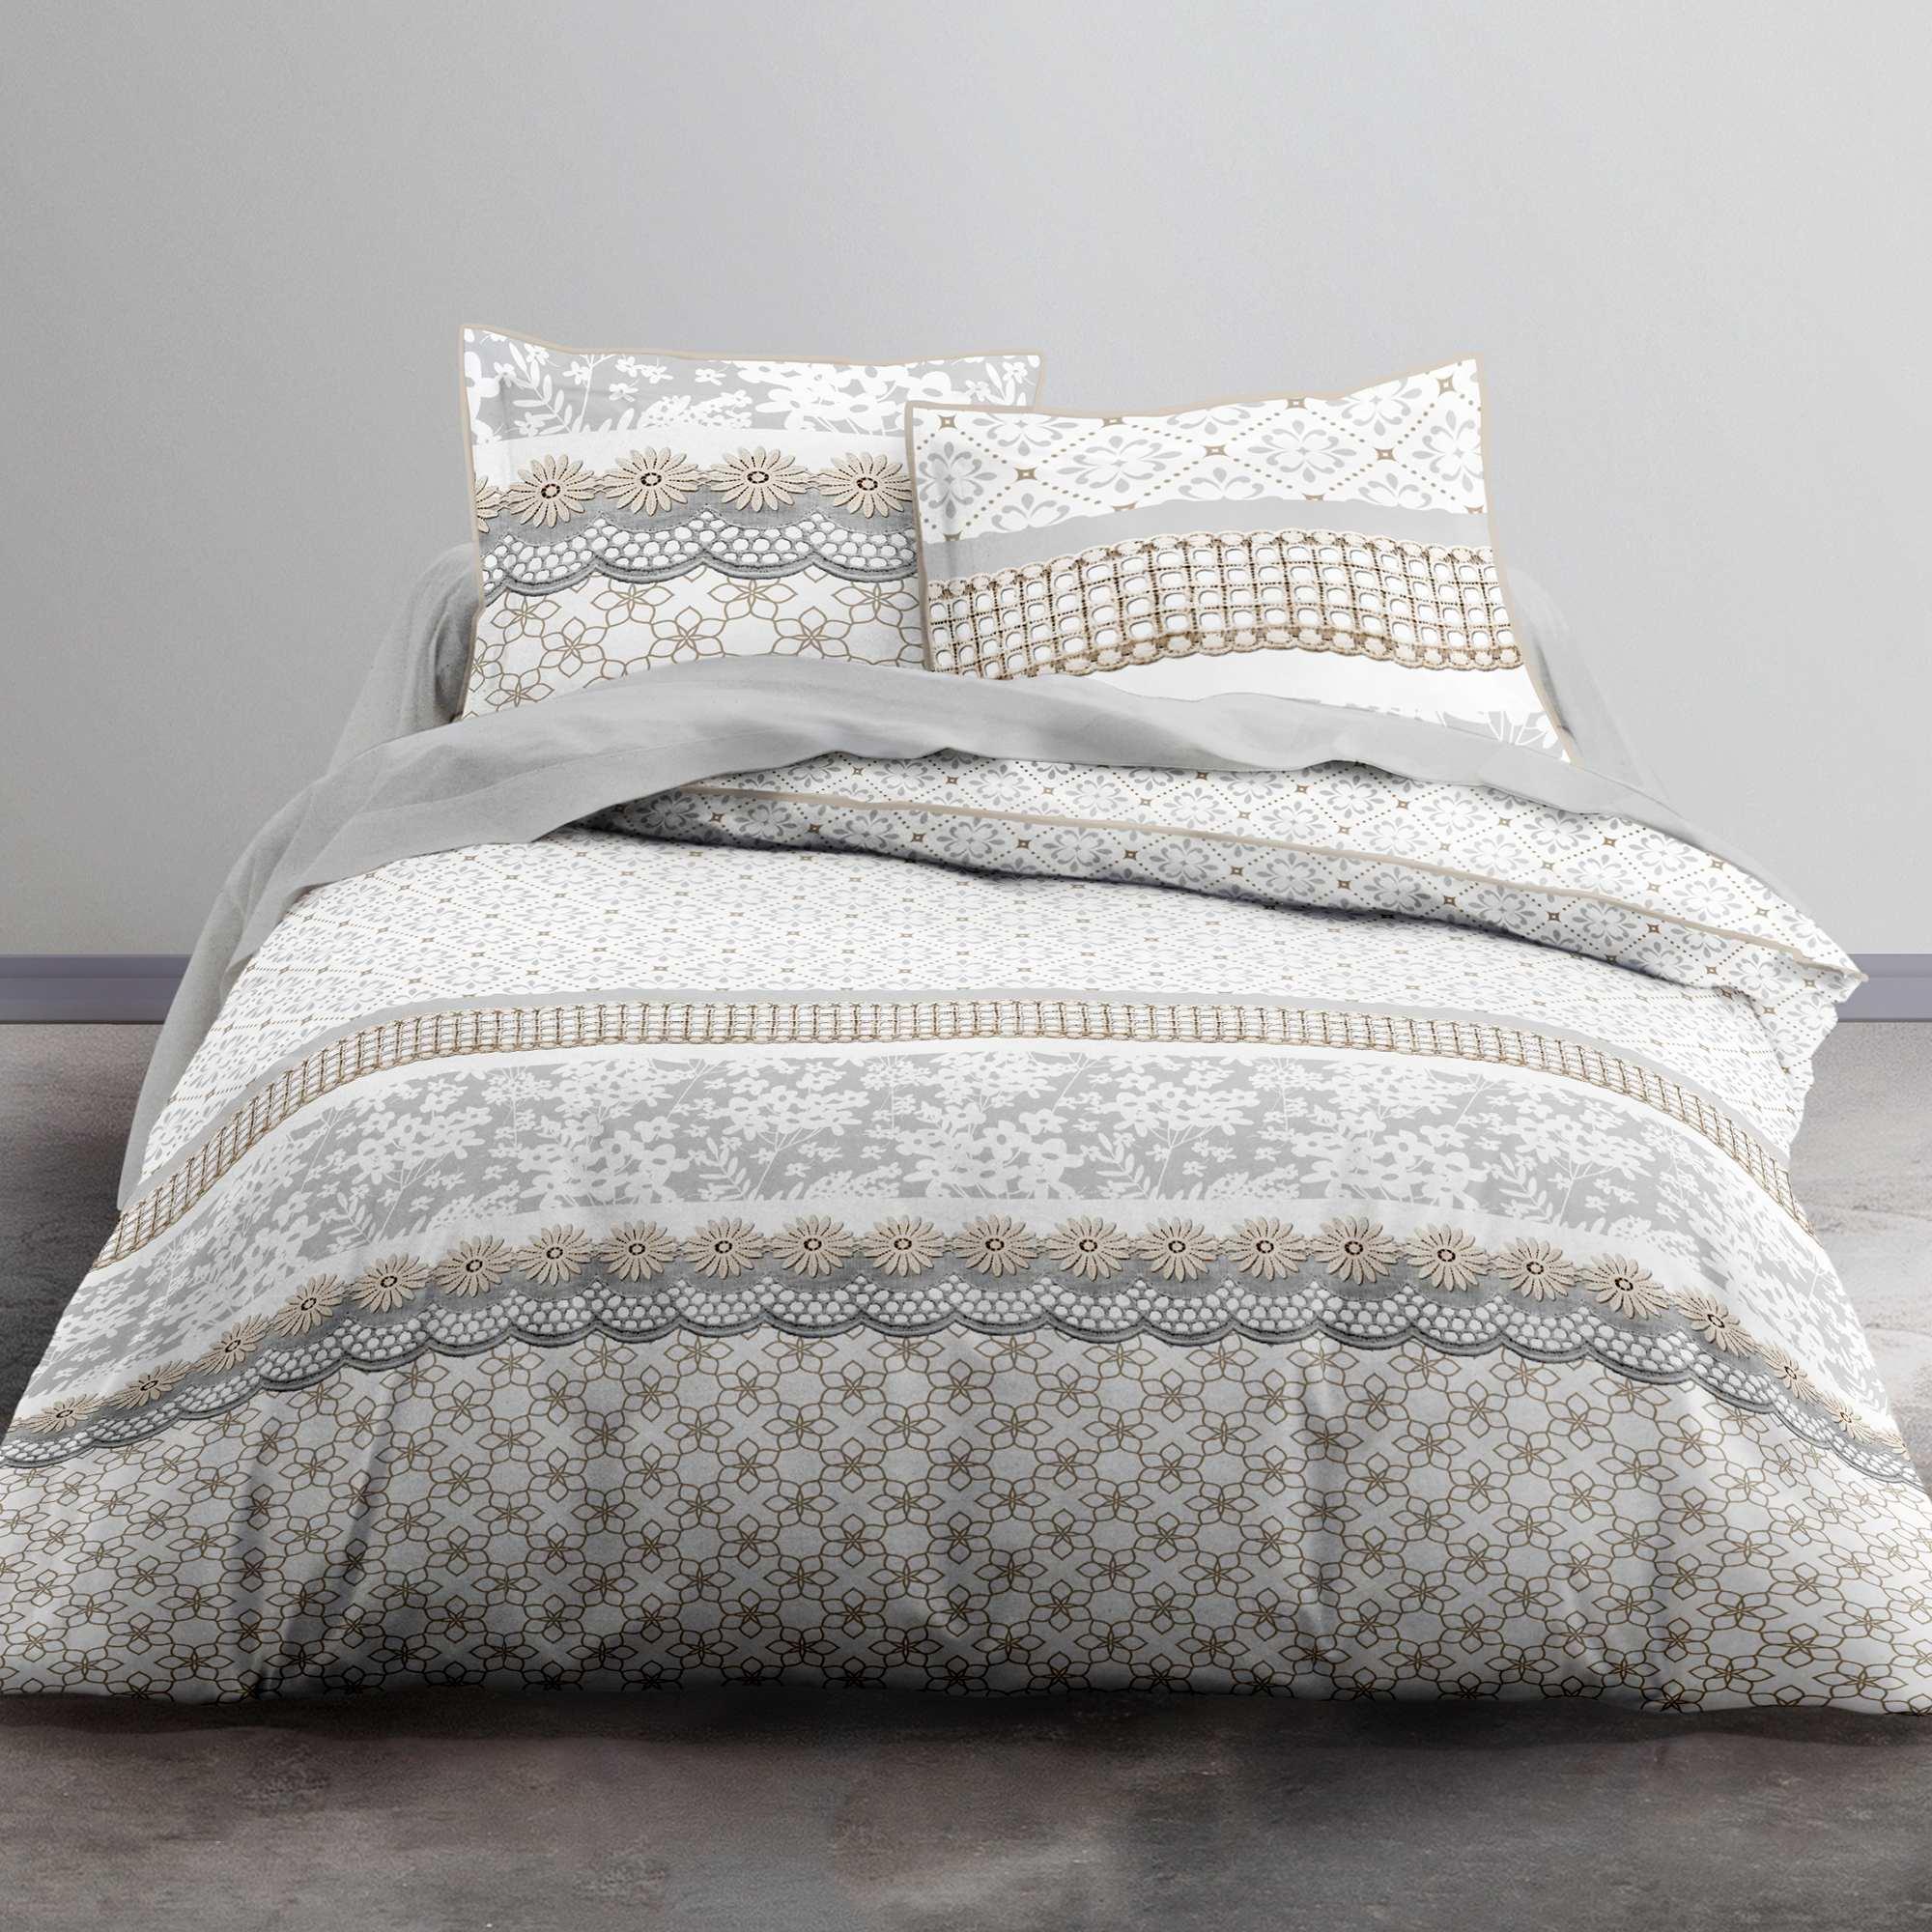 Couleur : blanc, , ,, - Taille : 240x220, , ,,Ambiance florale dans la chambre à coucher ! - Parure de lit 2 personnes en coton -